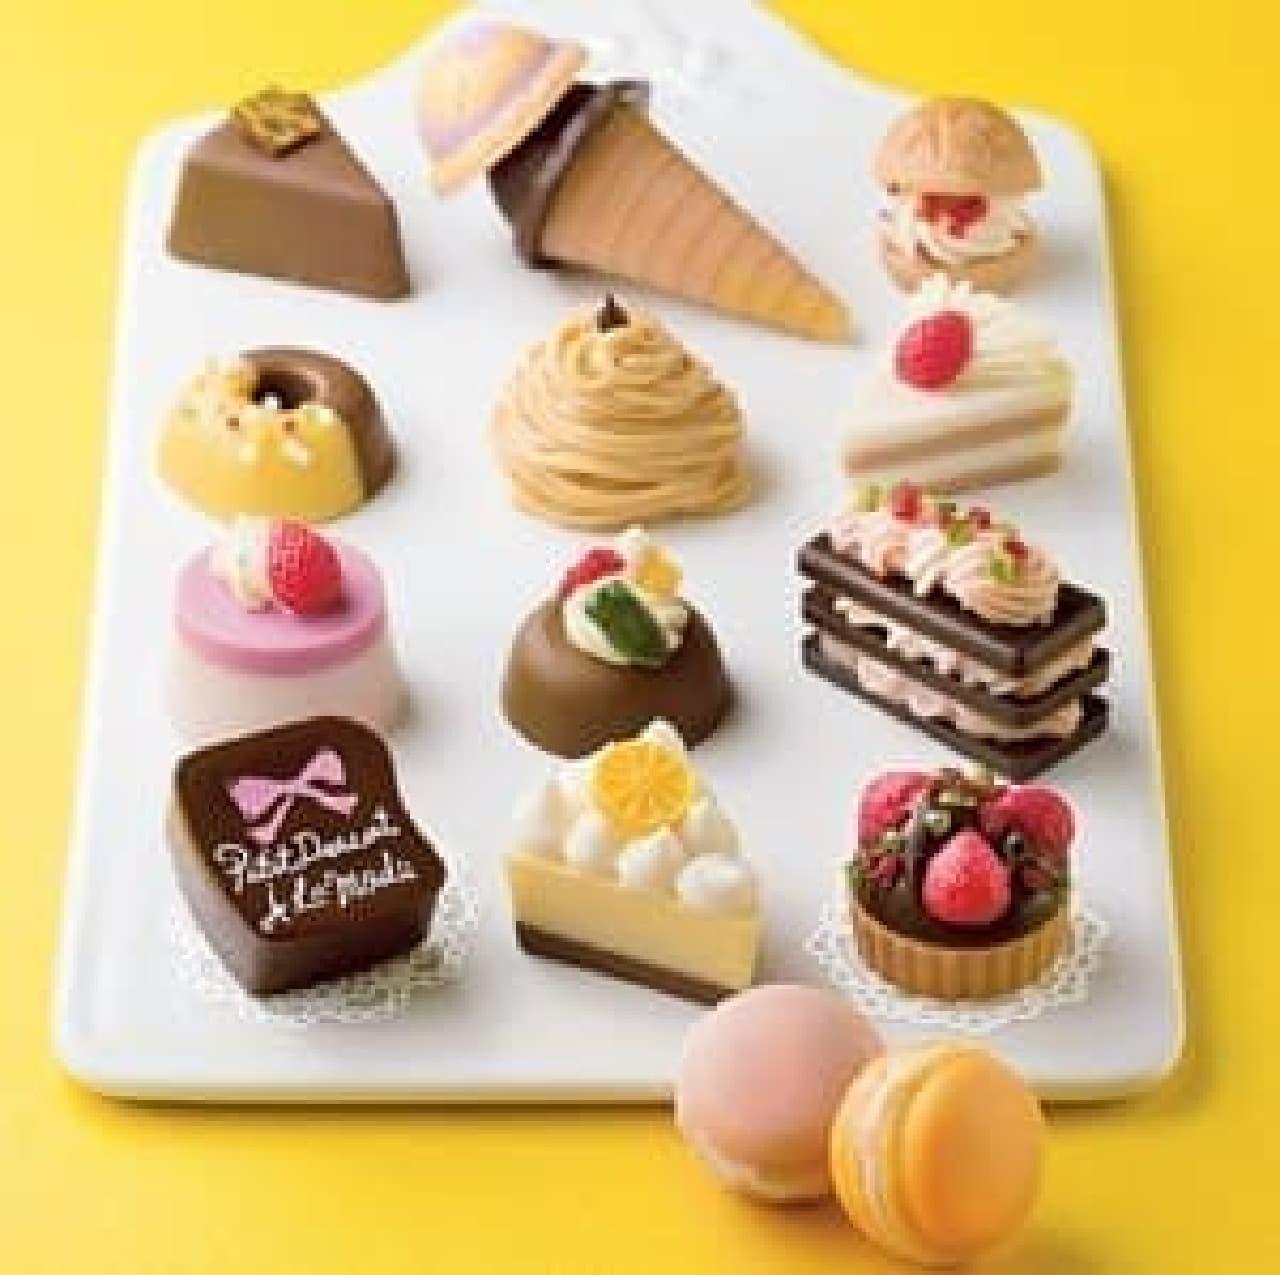 ケーキやタルト、マカロンも!全部チョコで出来てます